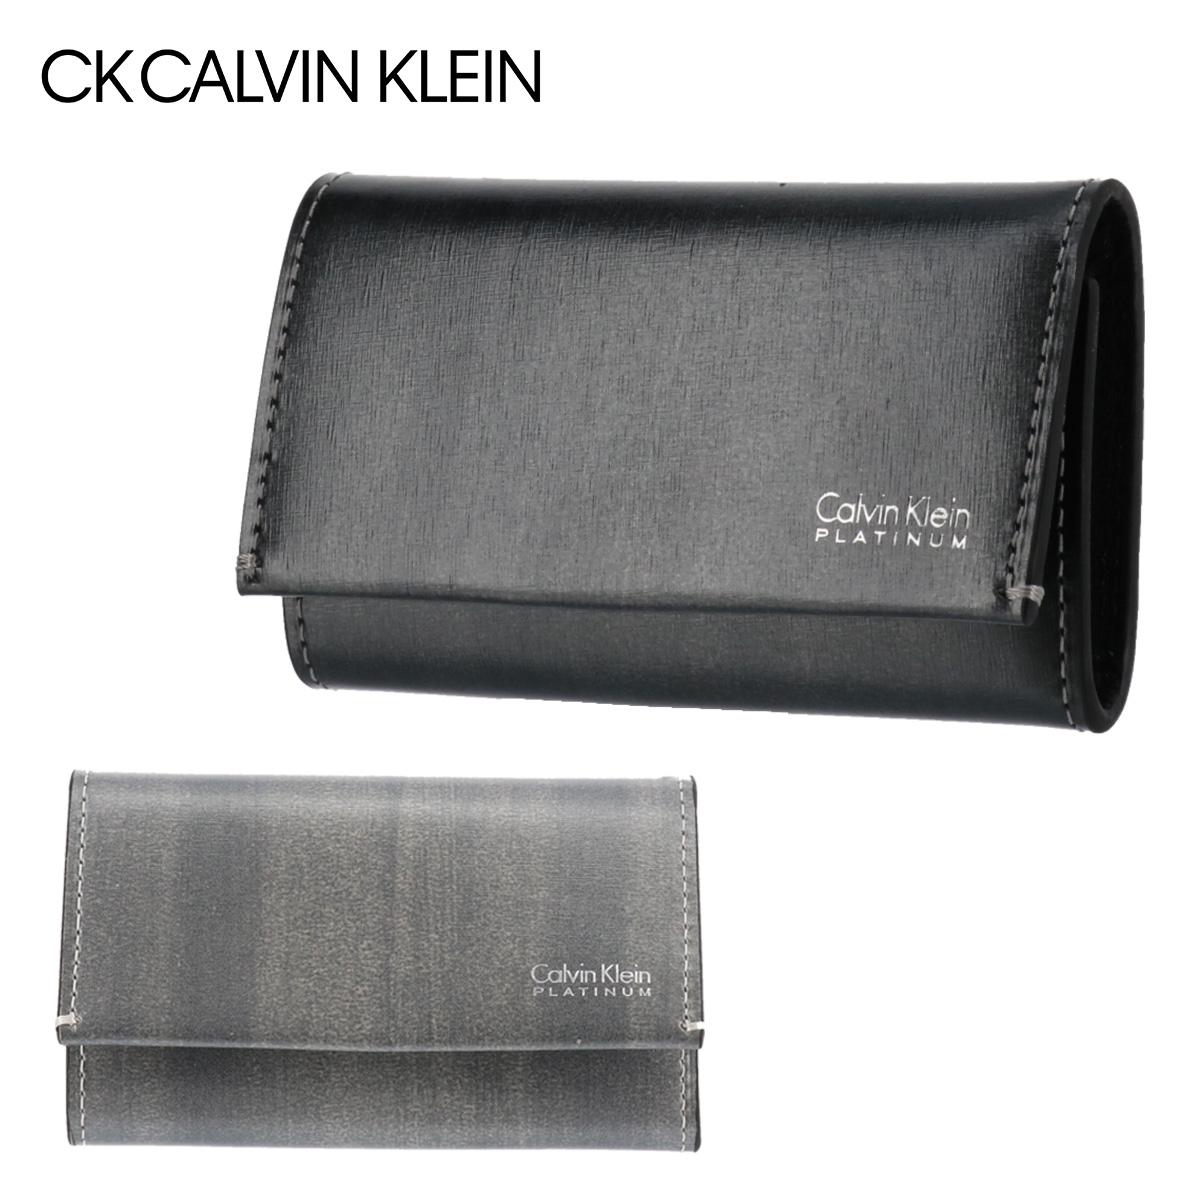 シーケーカルバンクライン キーケース 札入れ 小銭入れ メンズ ボルダー 839613 CK CALVIN KLEIN 多機能 ICカードケース 定期入れ 本革 レザー [PO5][bef][即日発送]